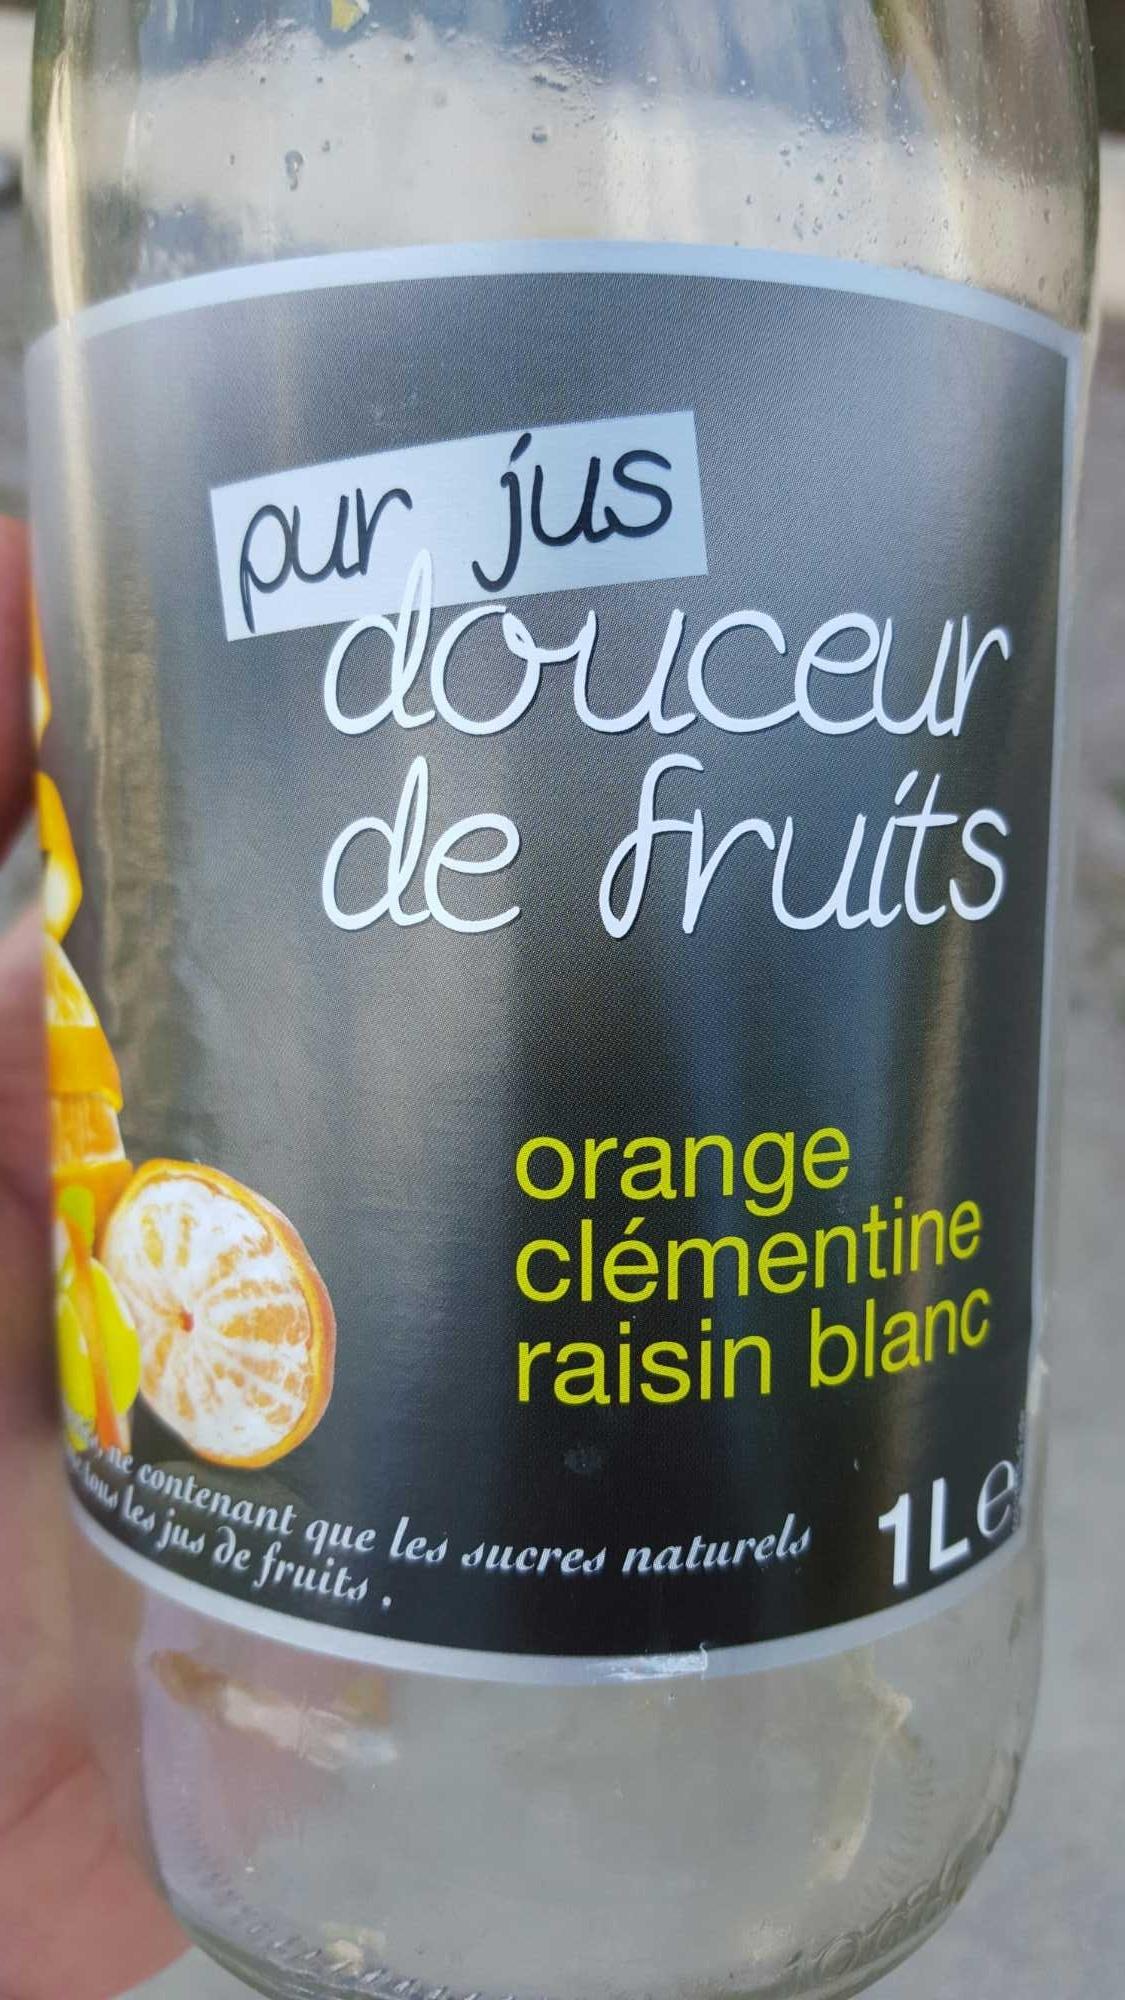 Pur Jus Douceur de Fruits Orange Clémentine Raisin Blanc - Product